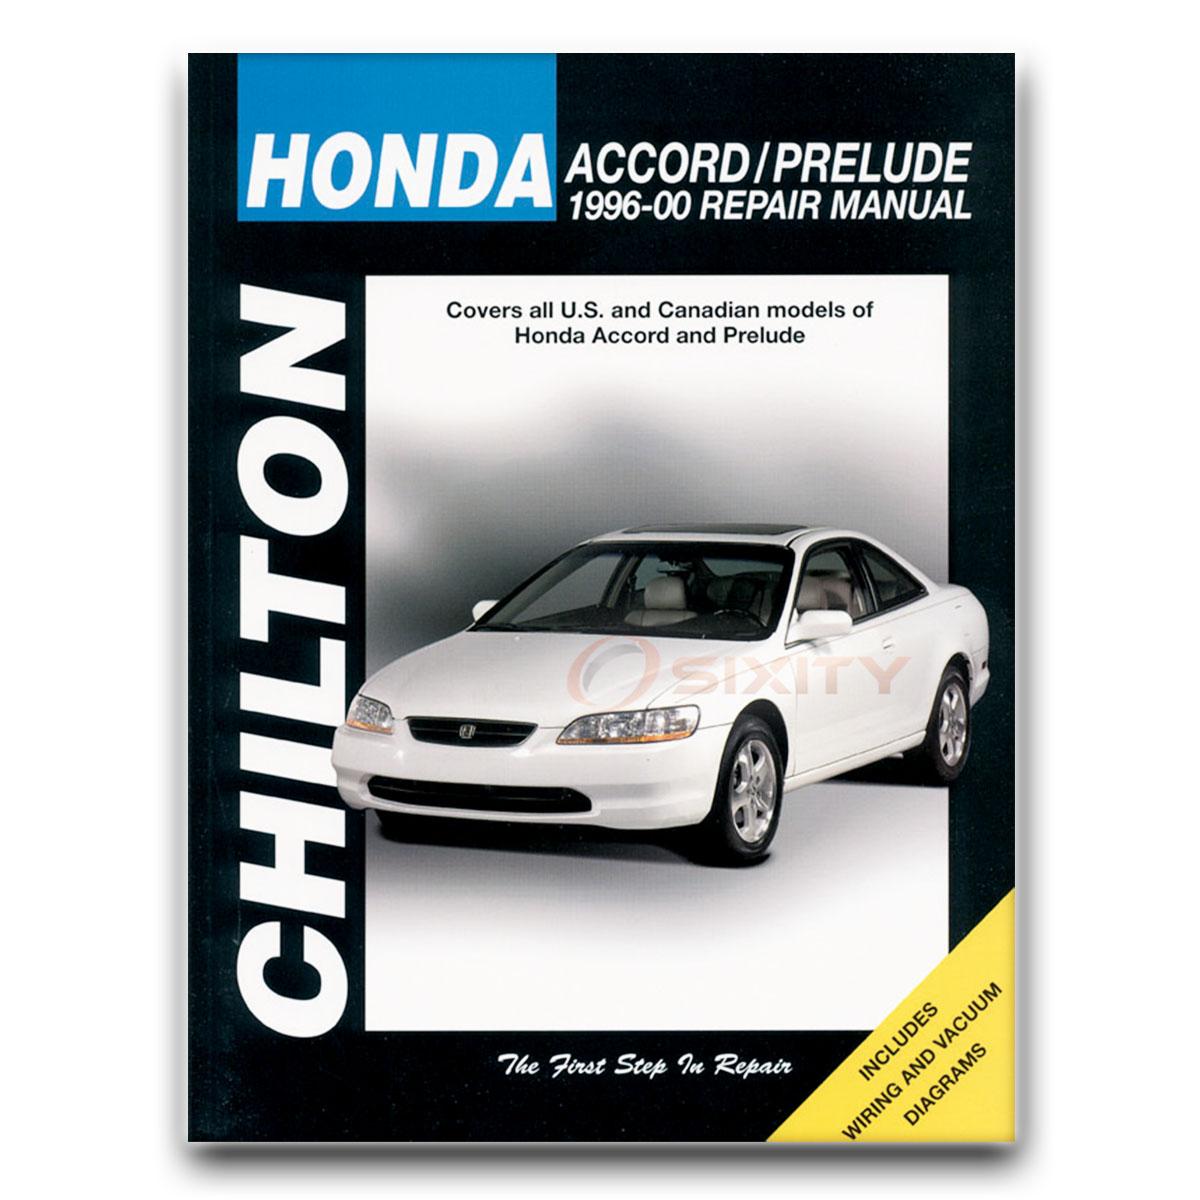 Chilton Repair Manual For 1996-2000 Honda Accord